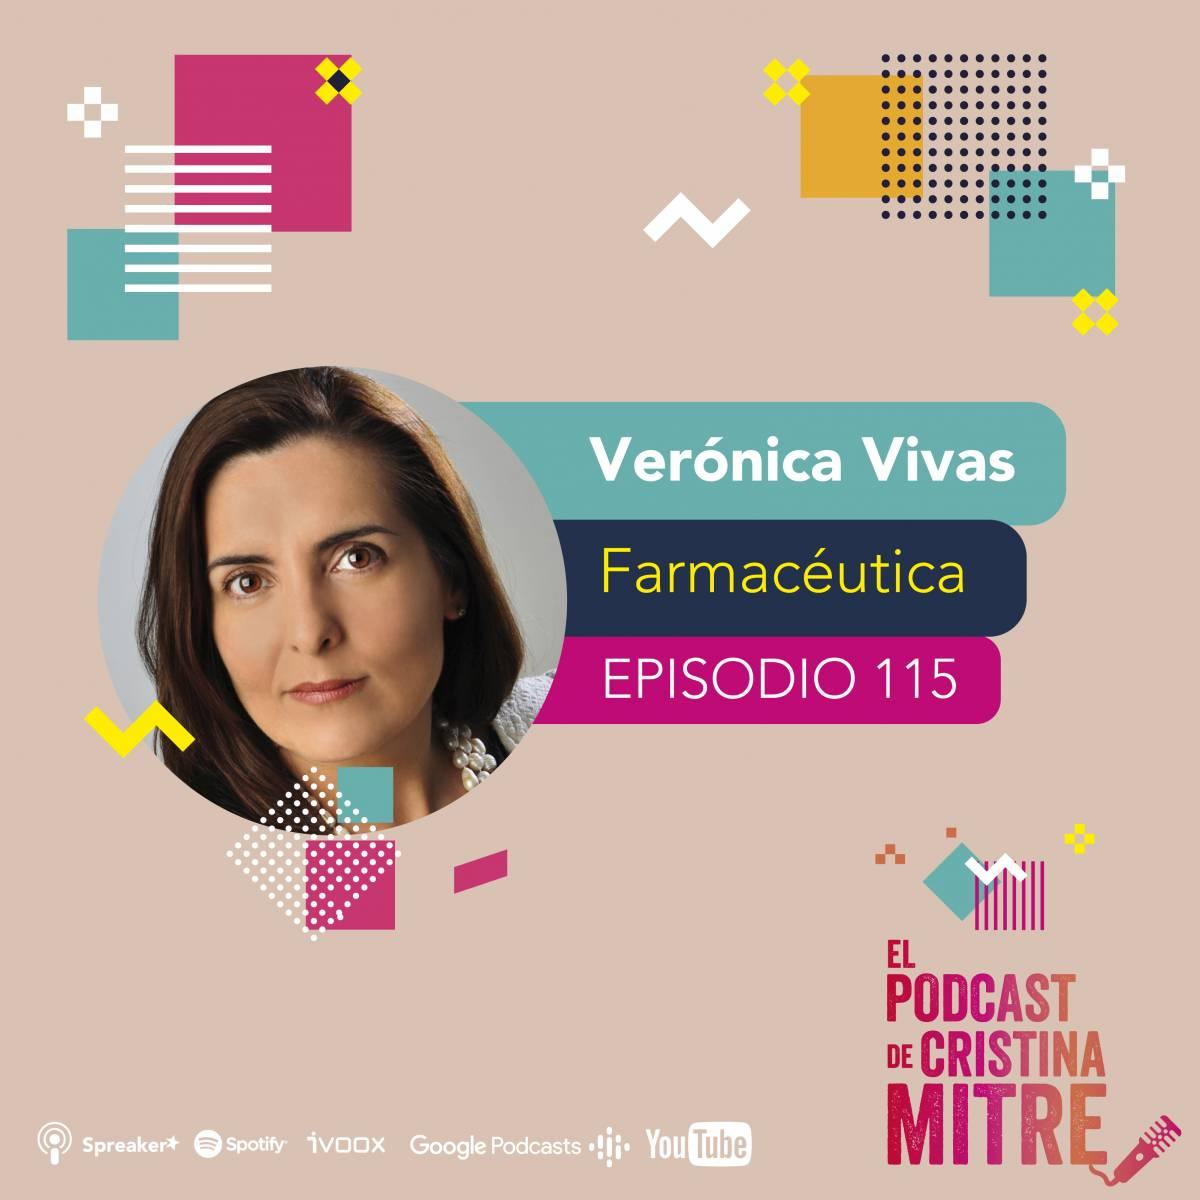 Barbaridades cosméticas Verónica Vivas